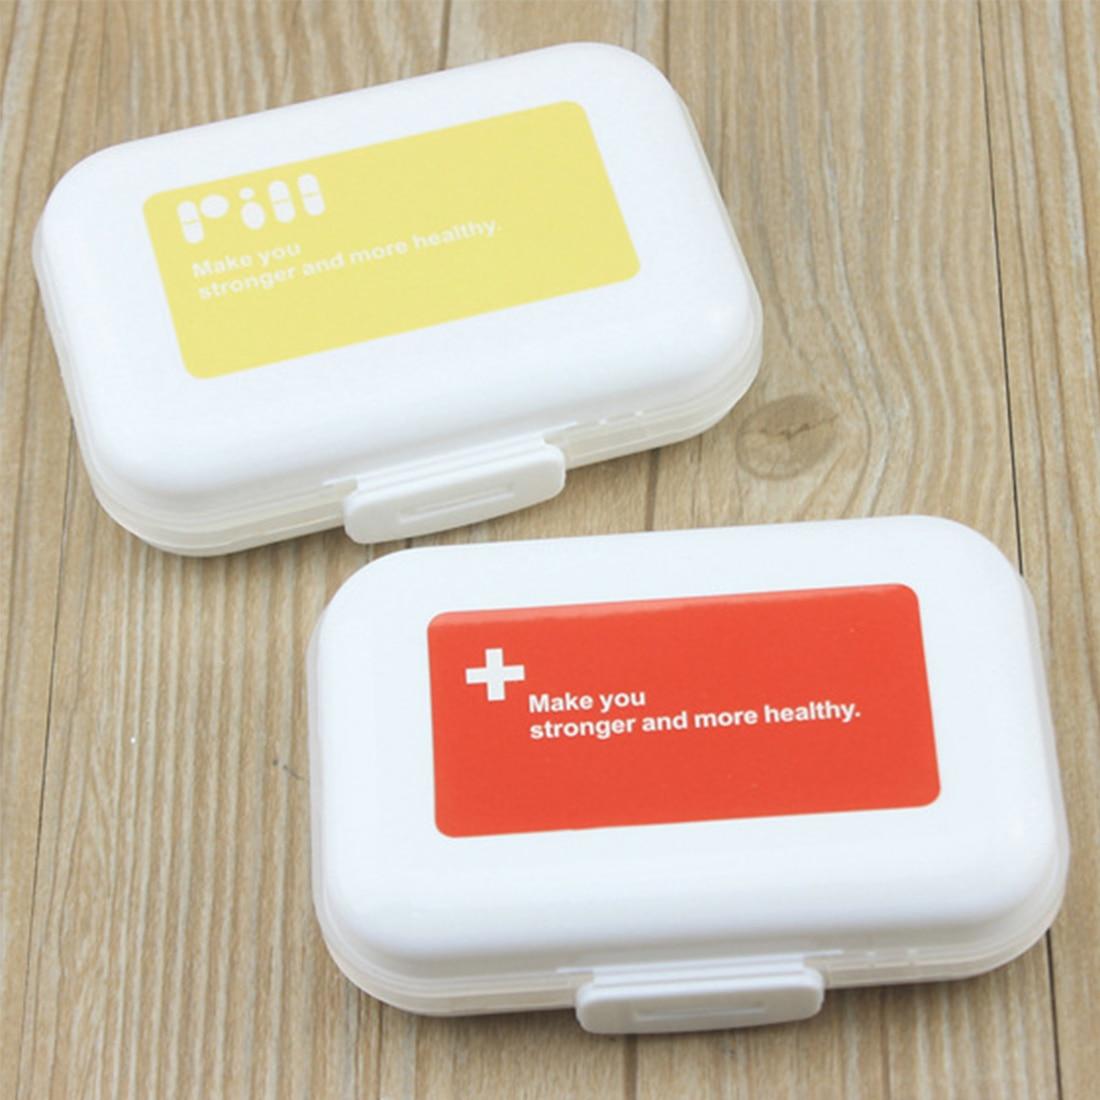 Мини-Витамин держатель лекарство Box держатель таблетки Организатор Портативный Еженедельно Pill Чехол медицины Планшеты контейнер для хранения Дело